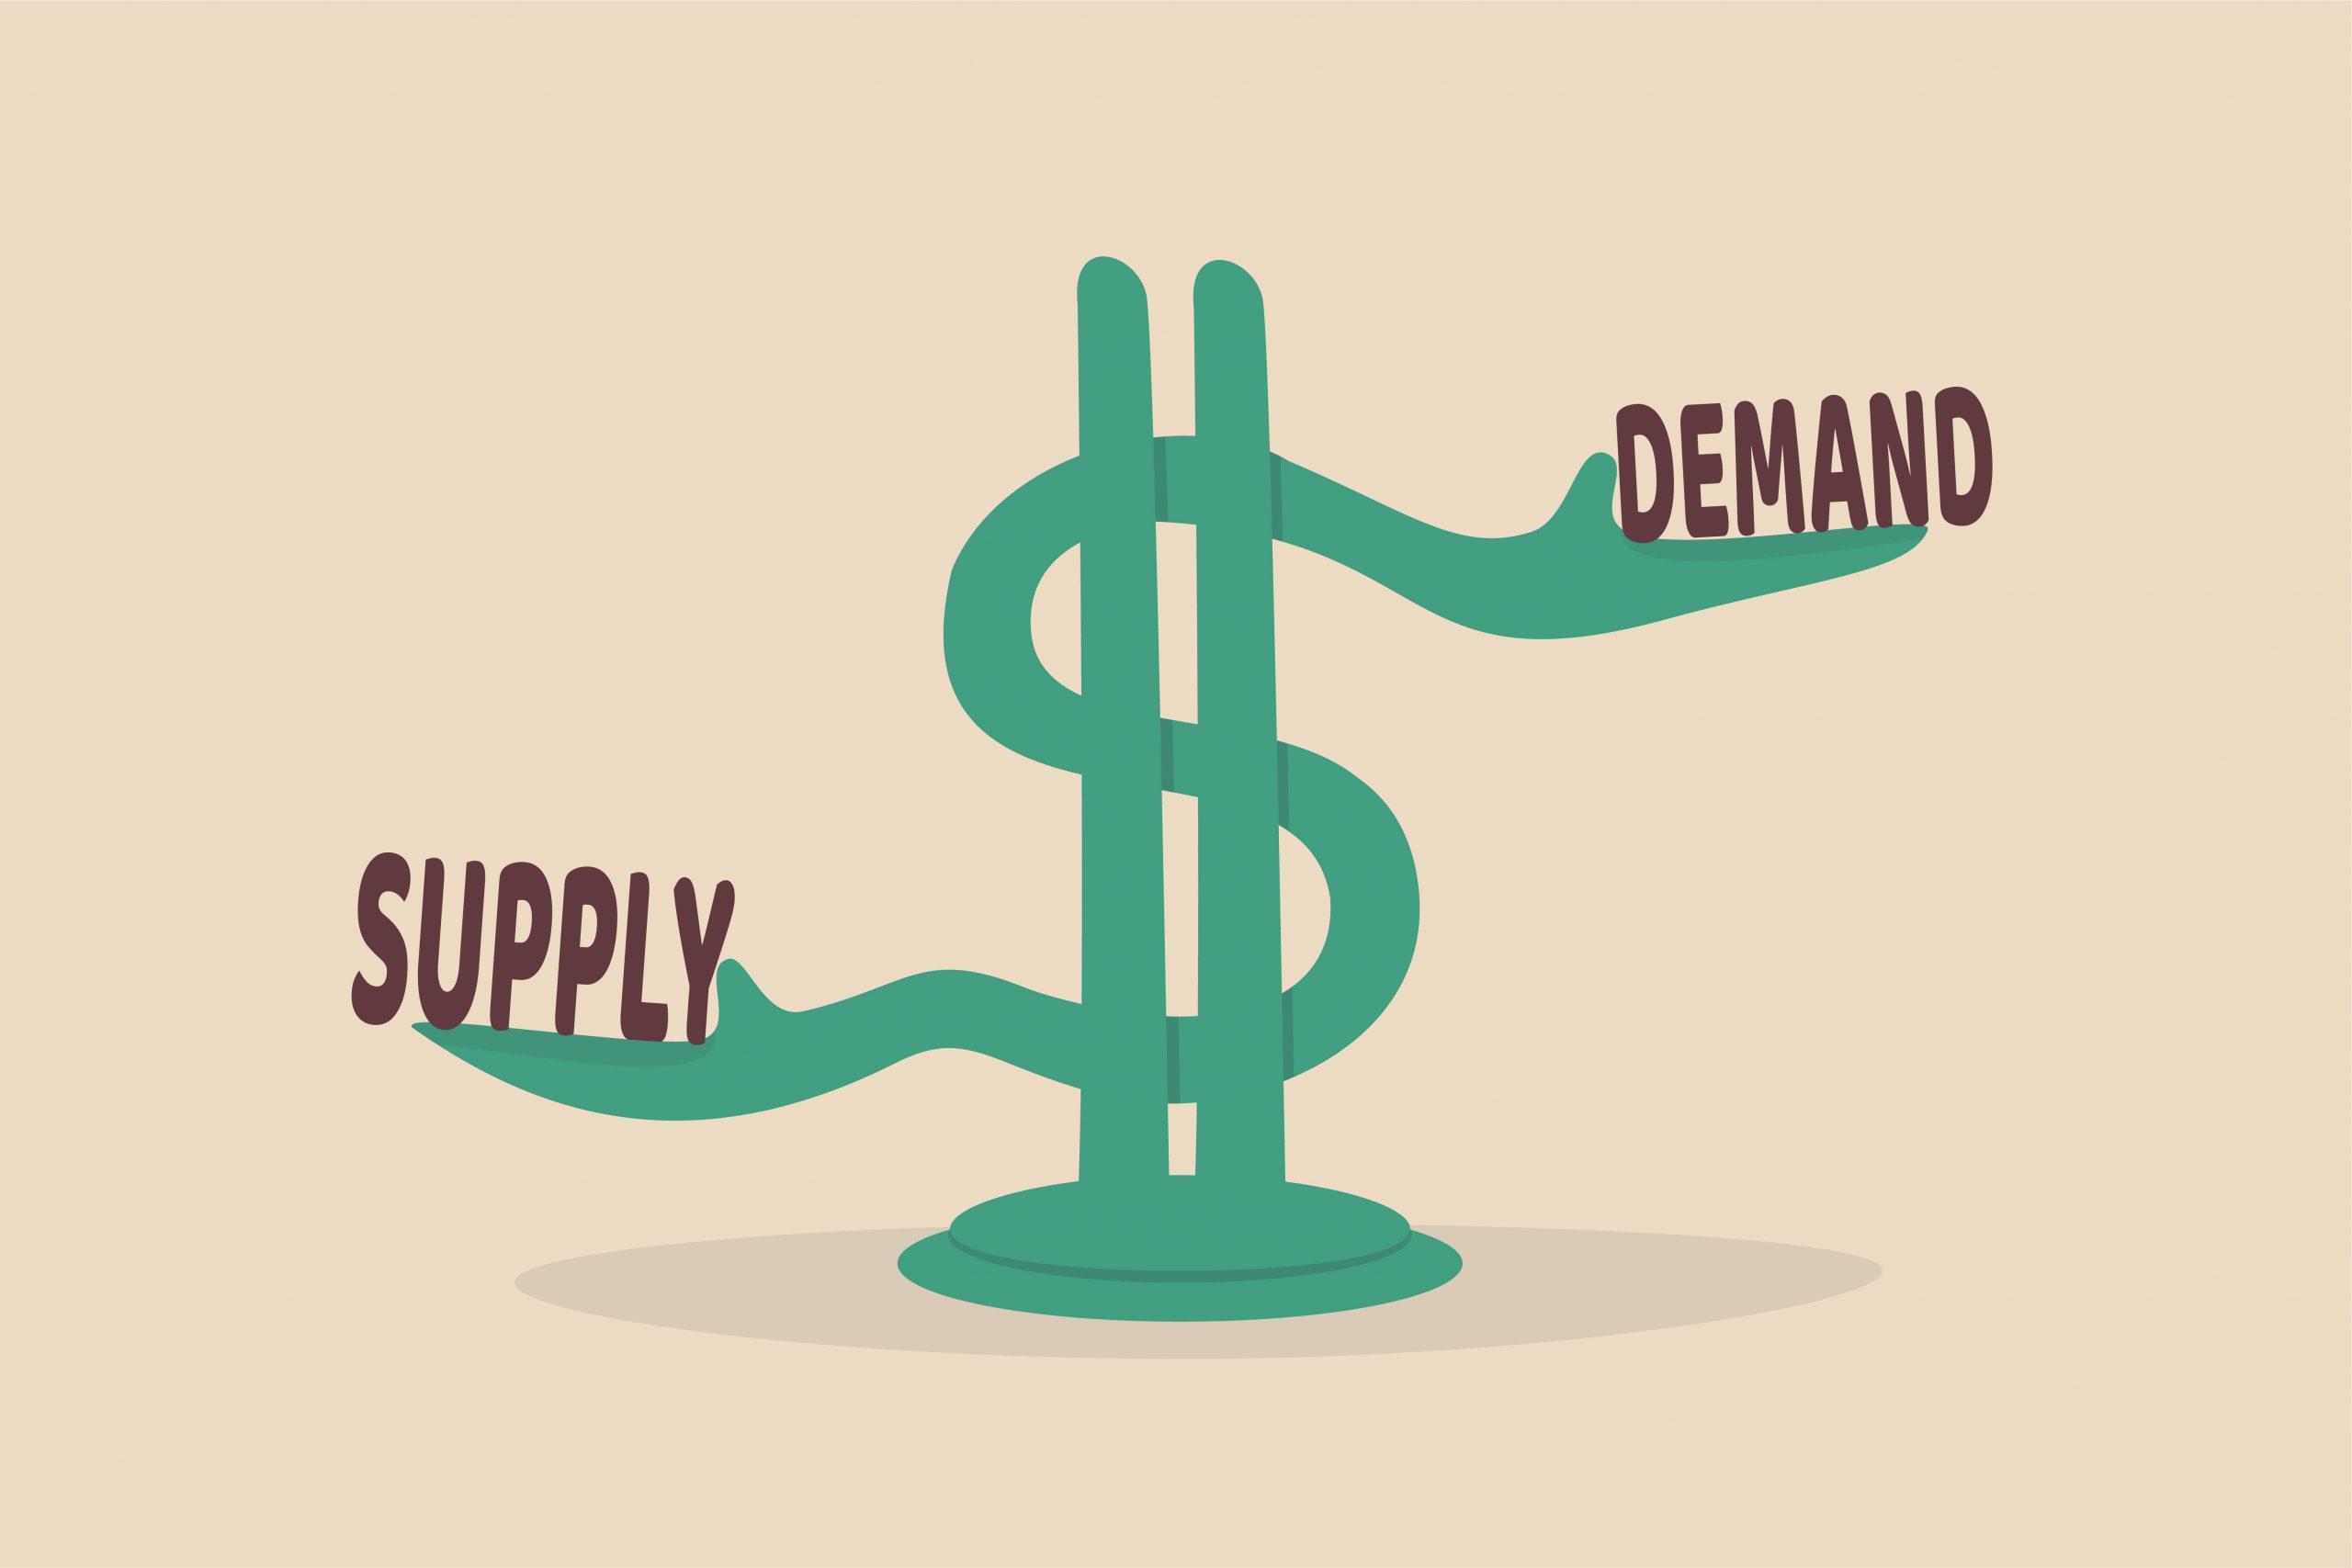 Giao dịch theo supply demand là gì?